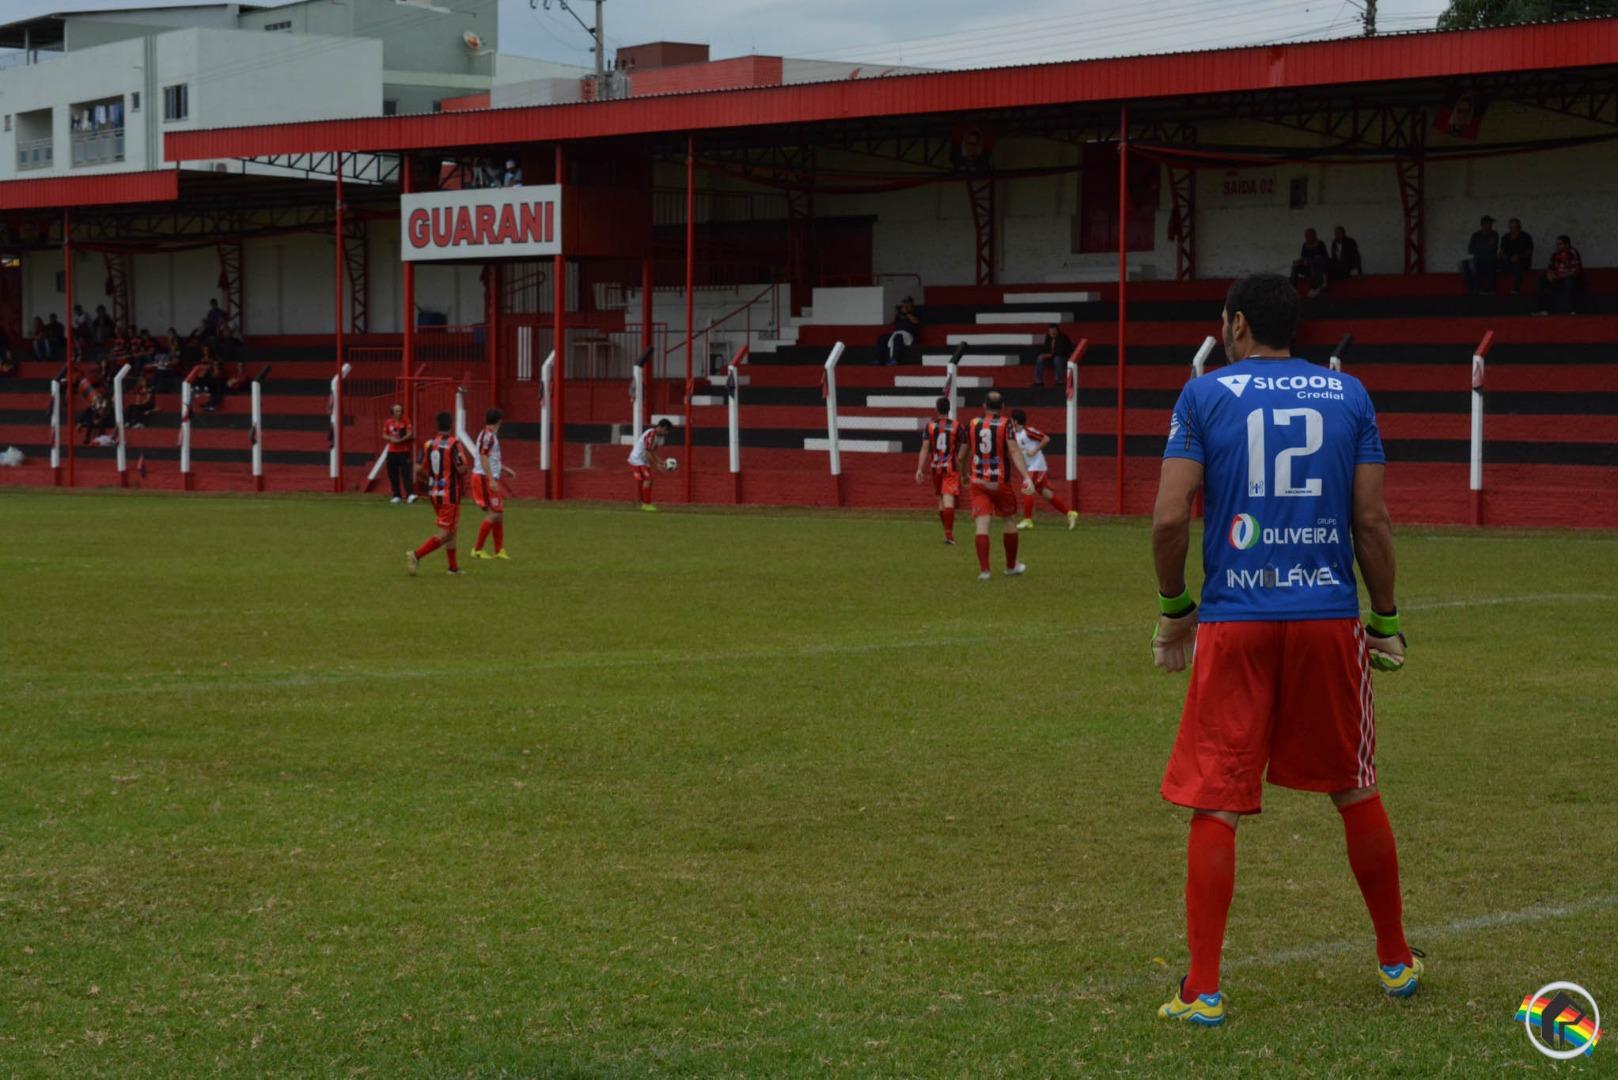 Guarani e CRM empatam em 2 a 2 em amistoso preparativo para o estadual